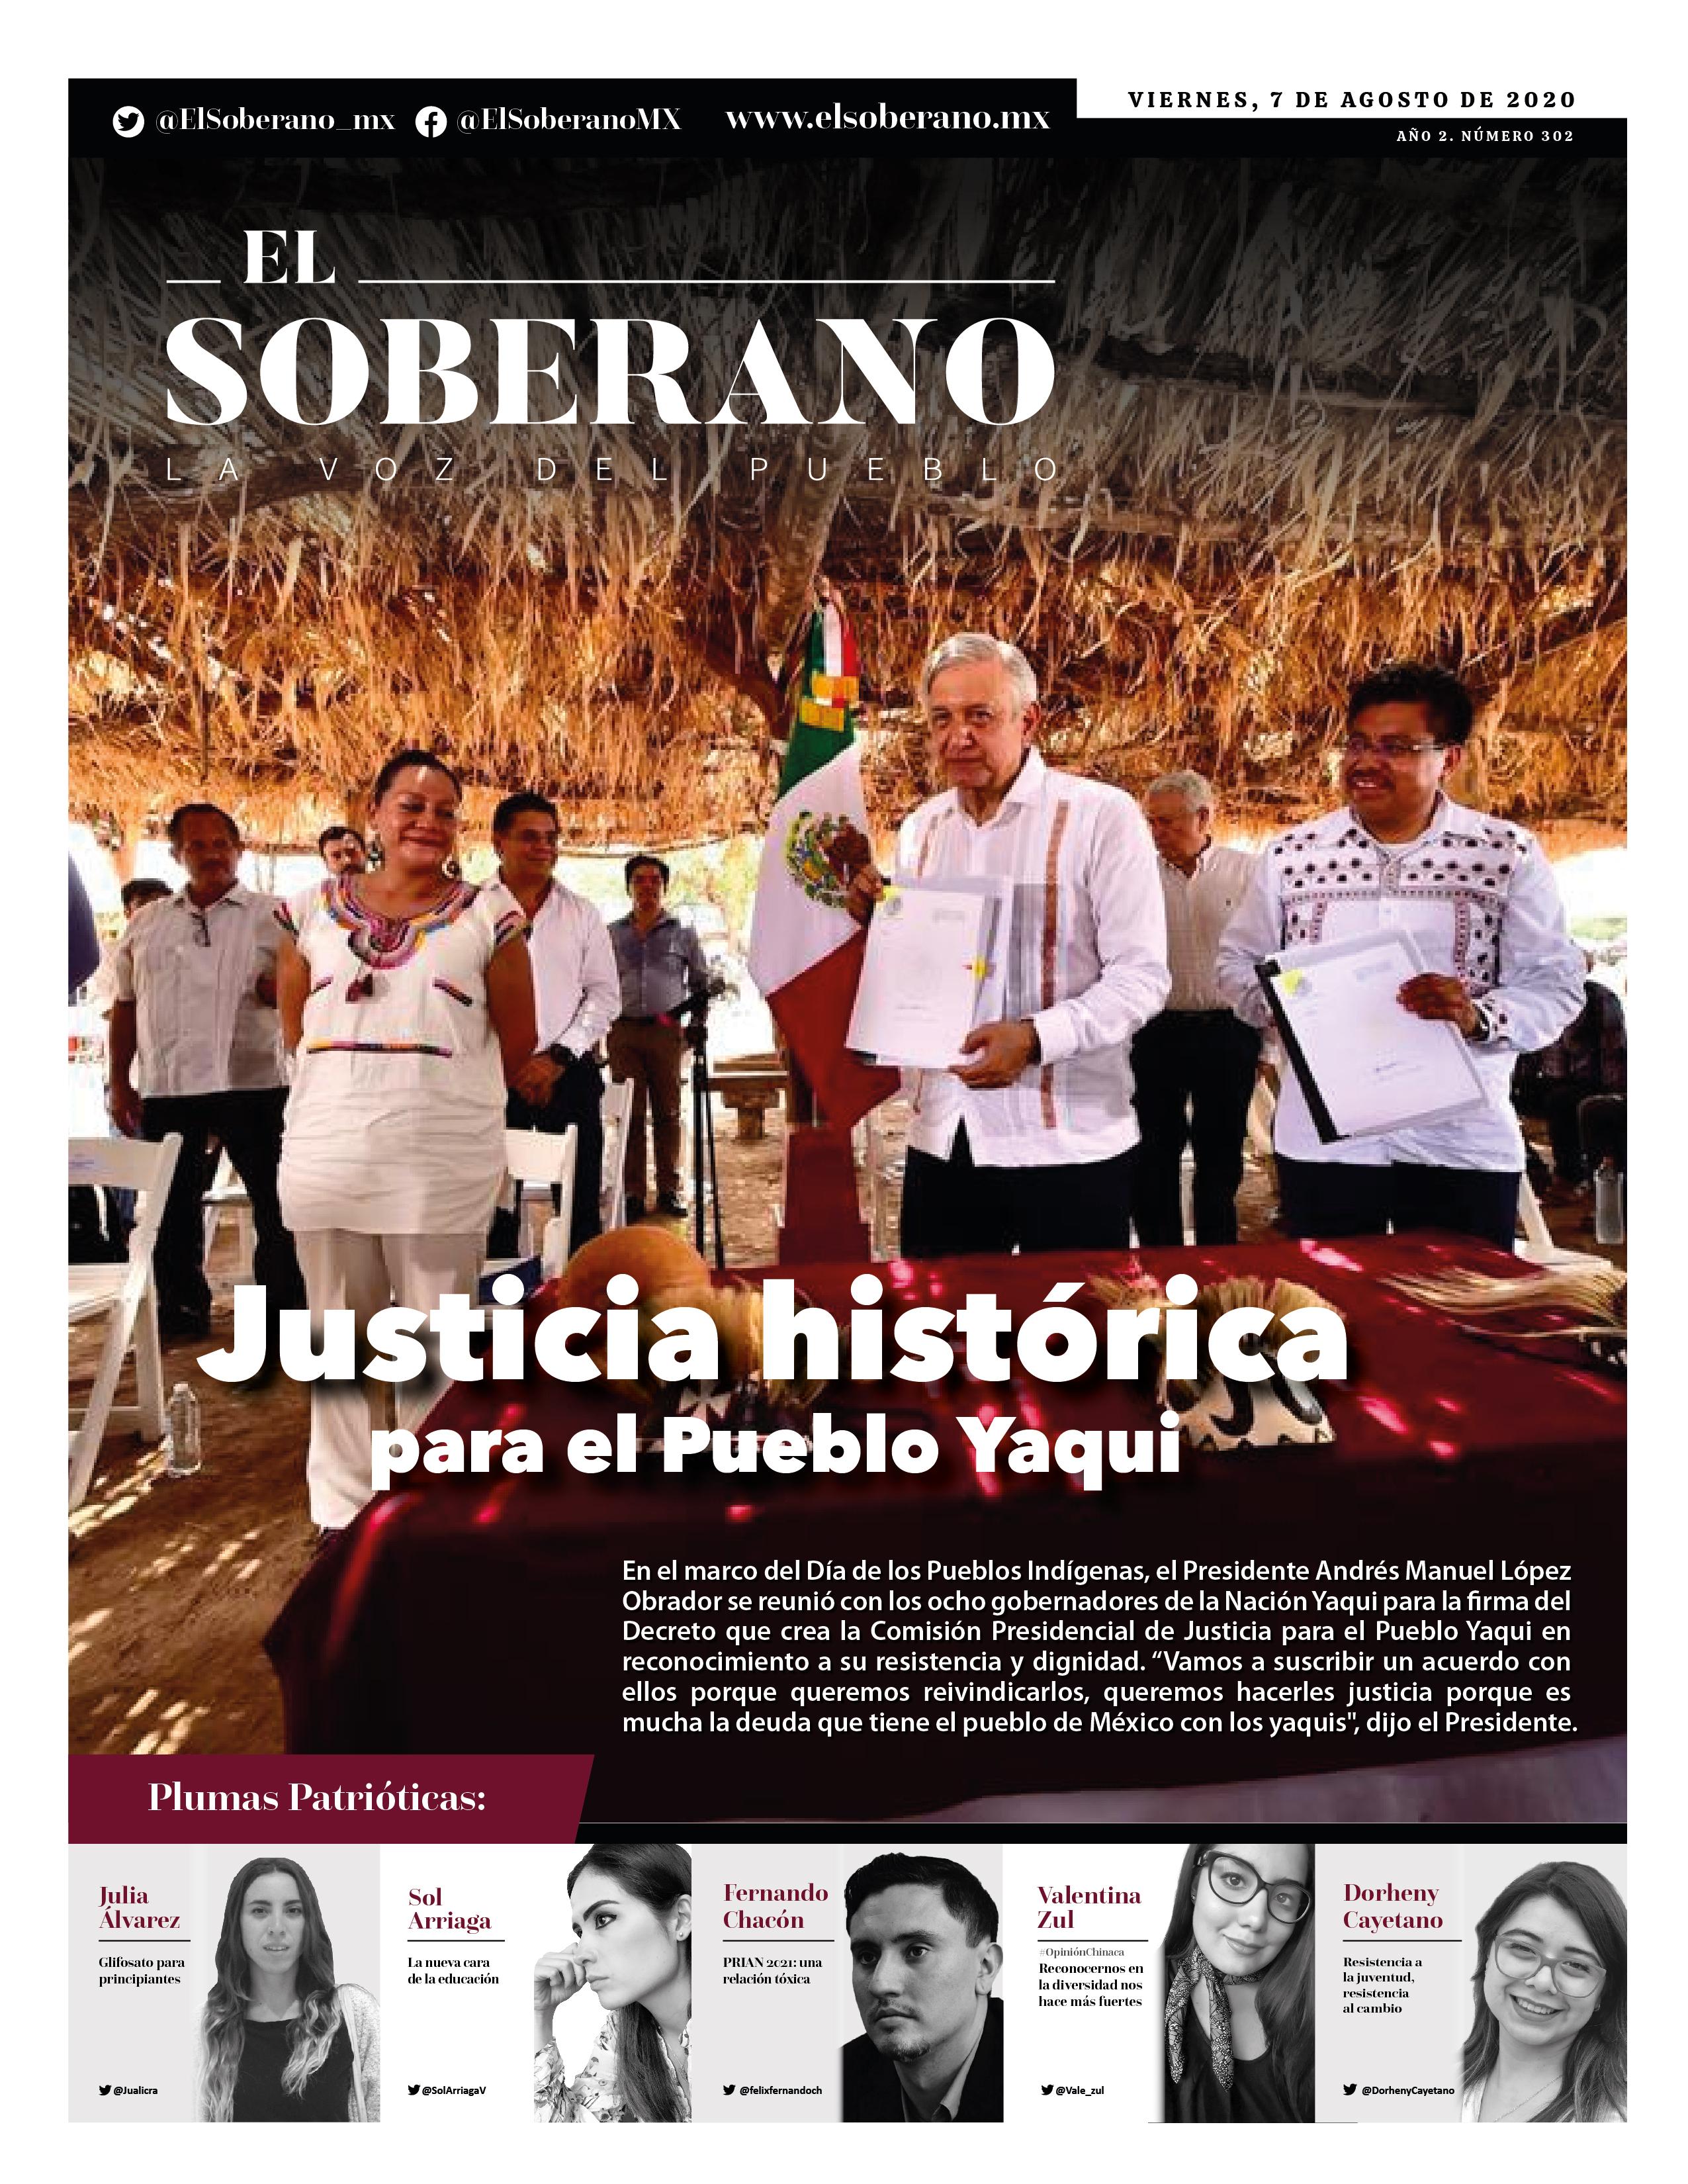 Justicia histórica para el Pueblo Yaqui